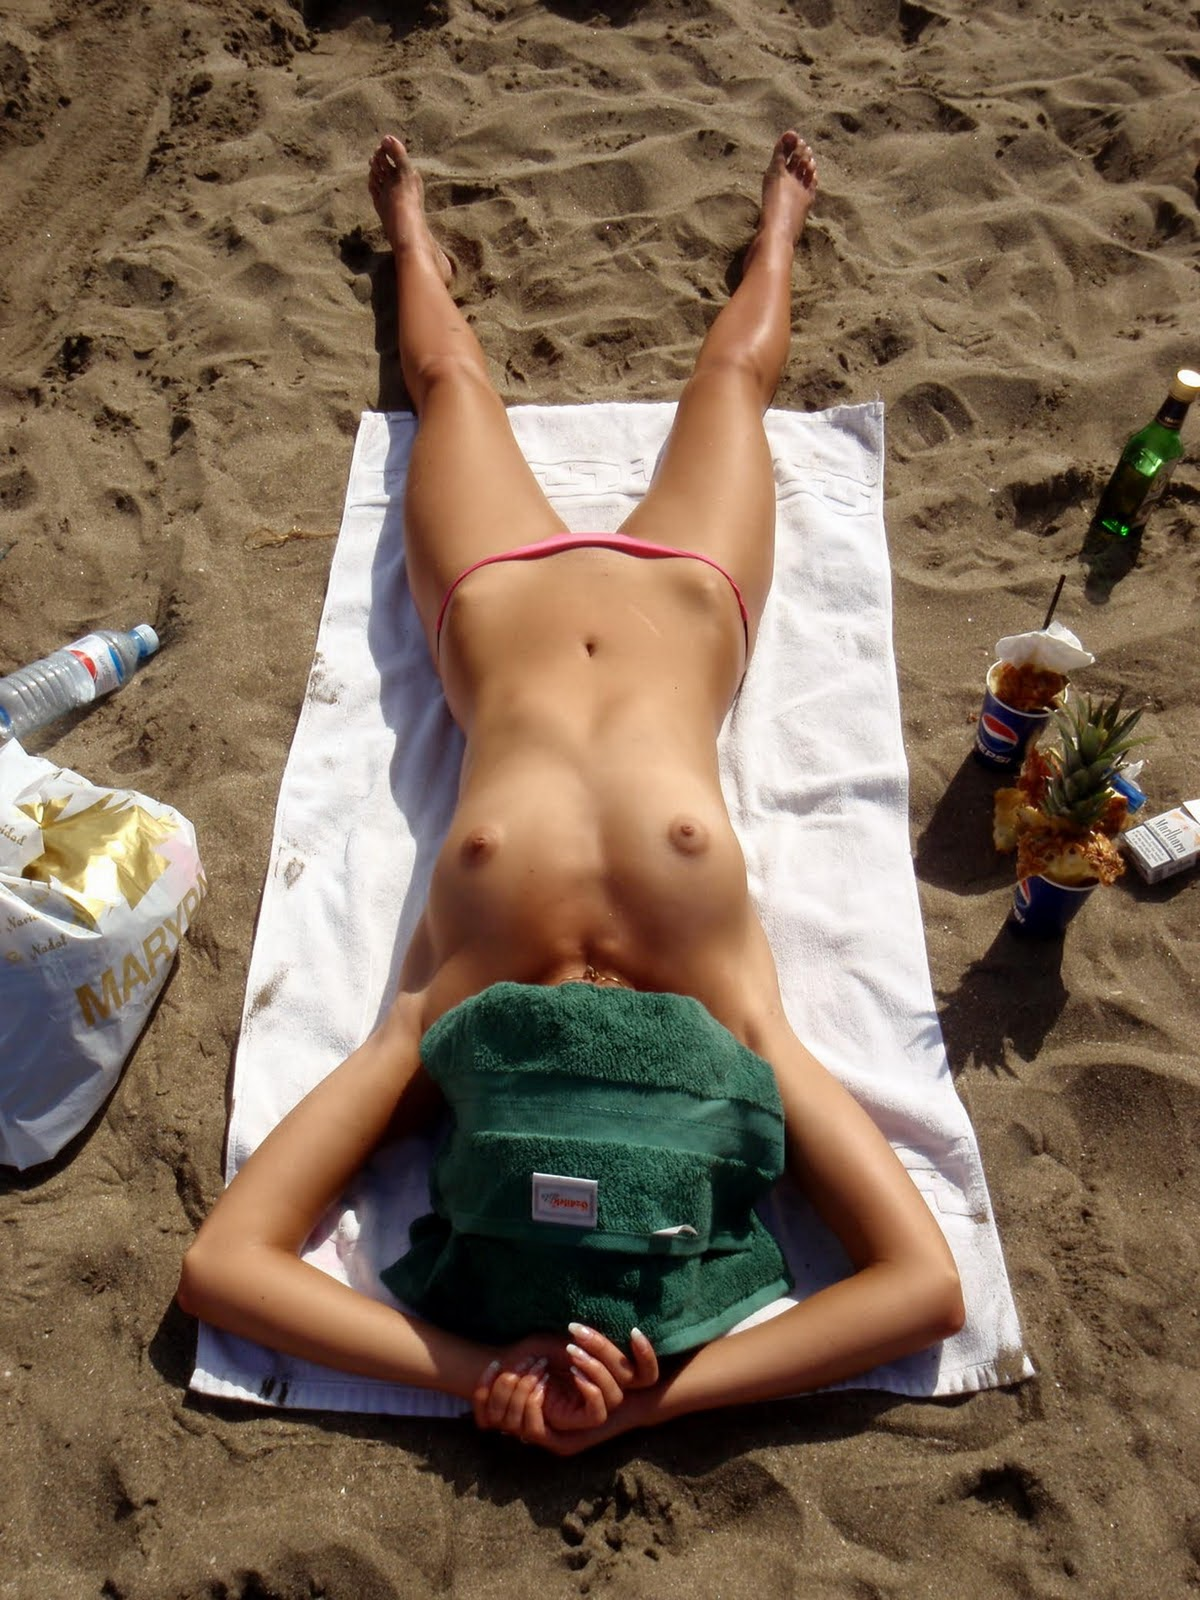 Фото нудисток на пляже в китае смотреть бесплатно 14 фотография